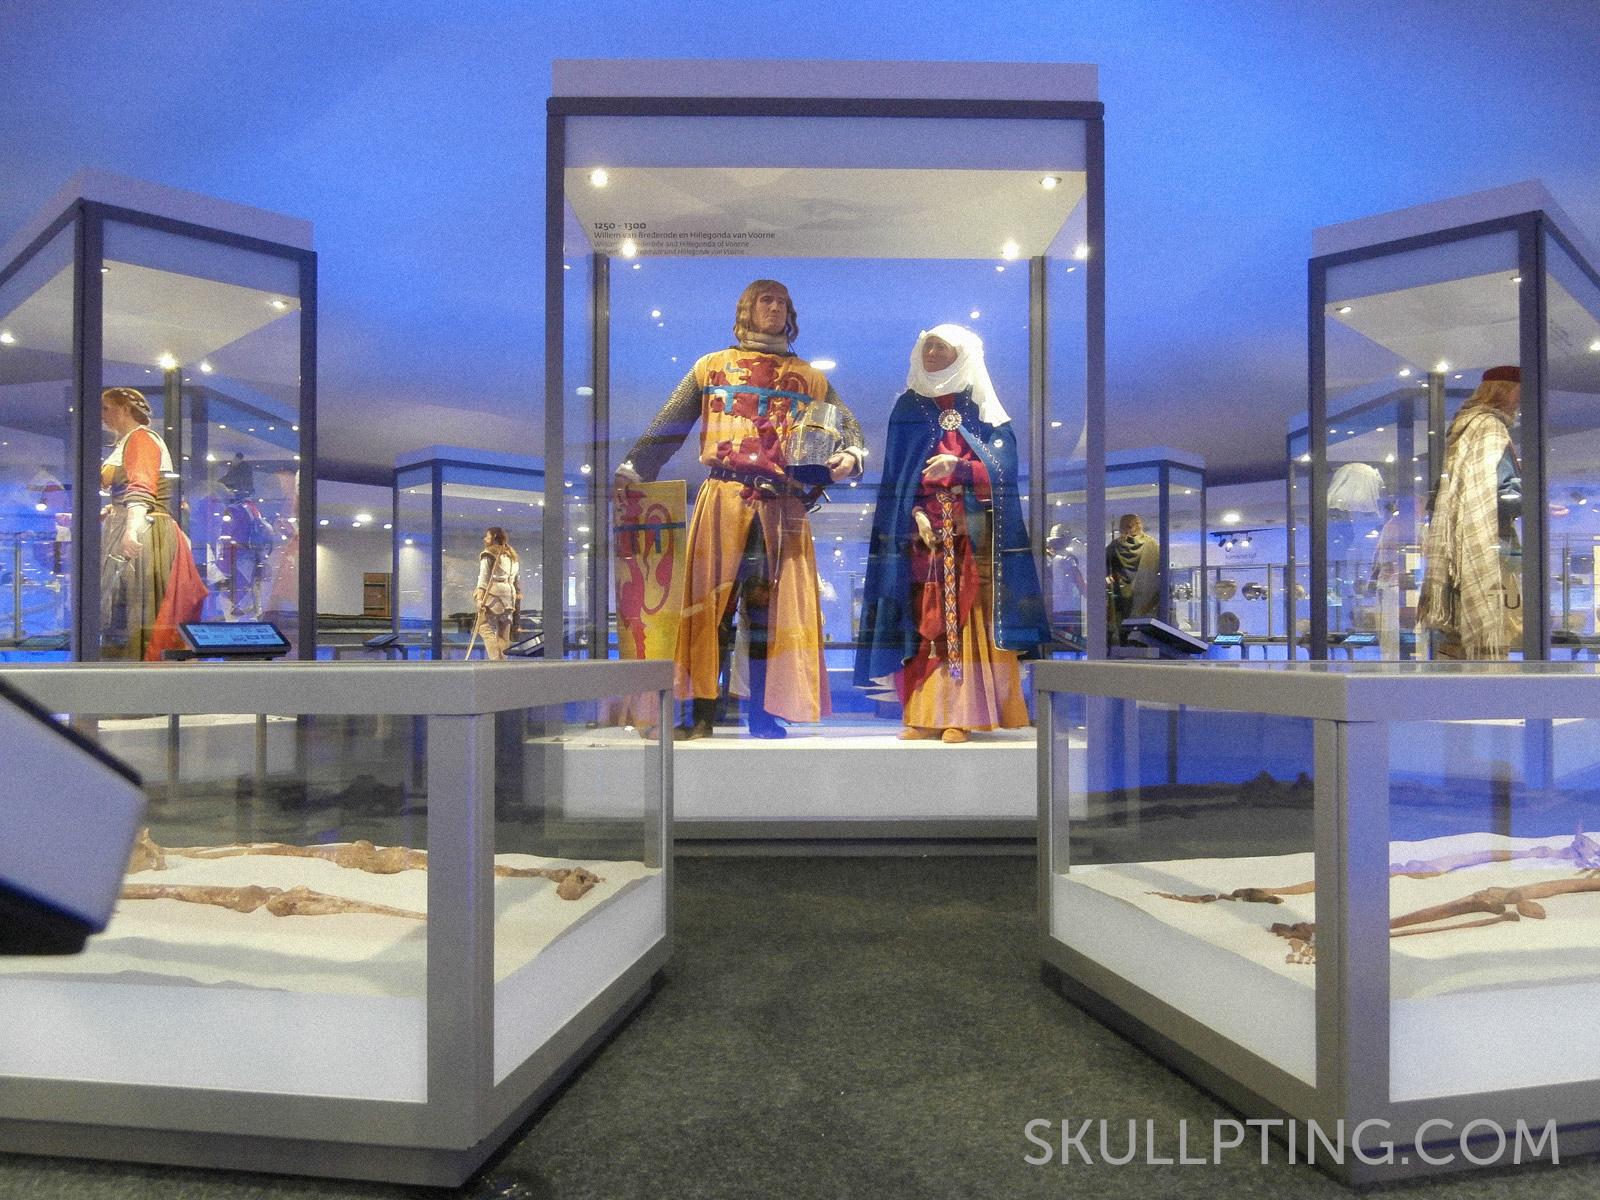 Willem in House of Hilde. Clothing: Het Atelier van Toen. Body: van Gogh Modelmaking.